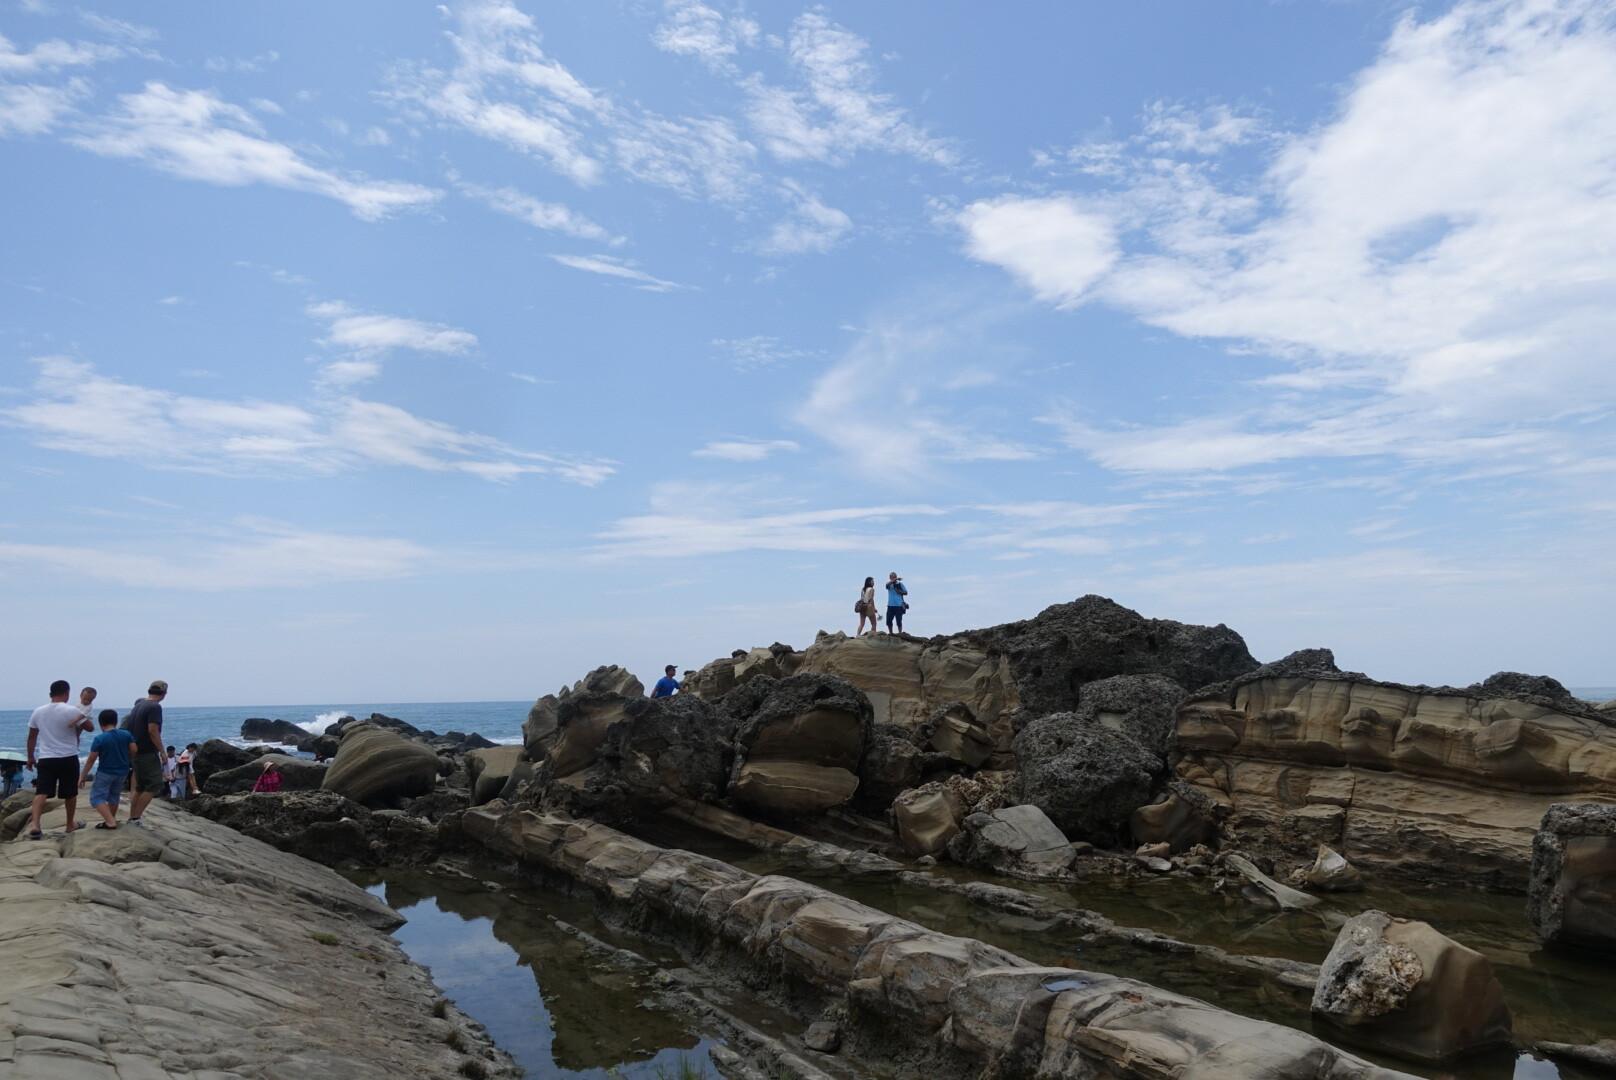 【台東市區】小野柳|大海雕塑的岩石工藝品,獨特的海蝕景致